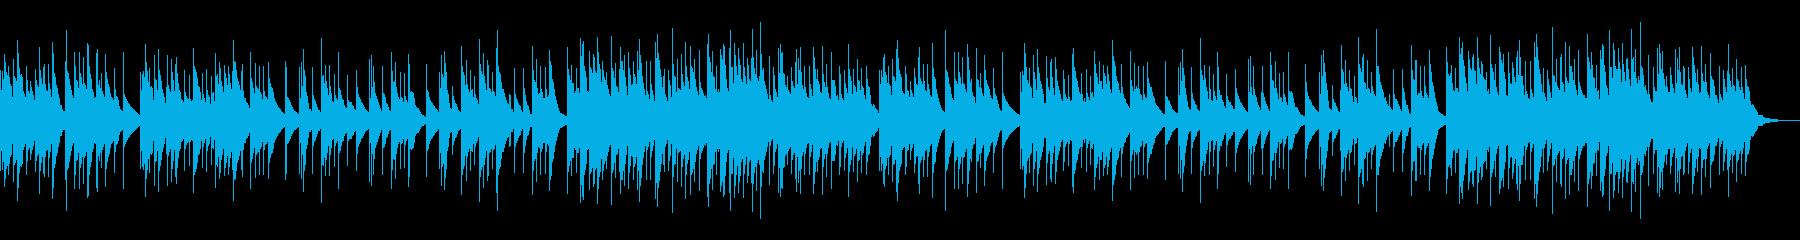 オルゴール 待合室 リラクゼーションの再生済みの波形